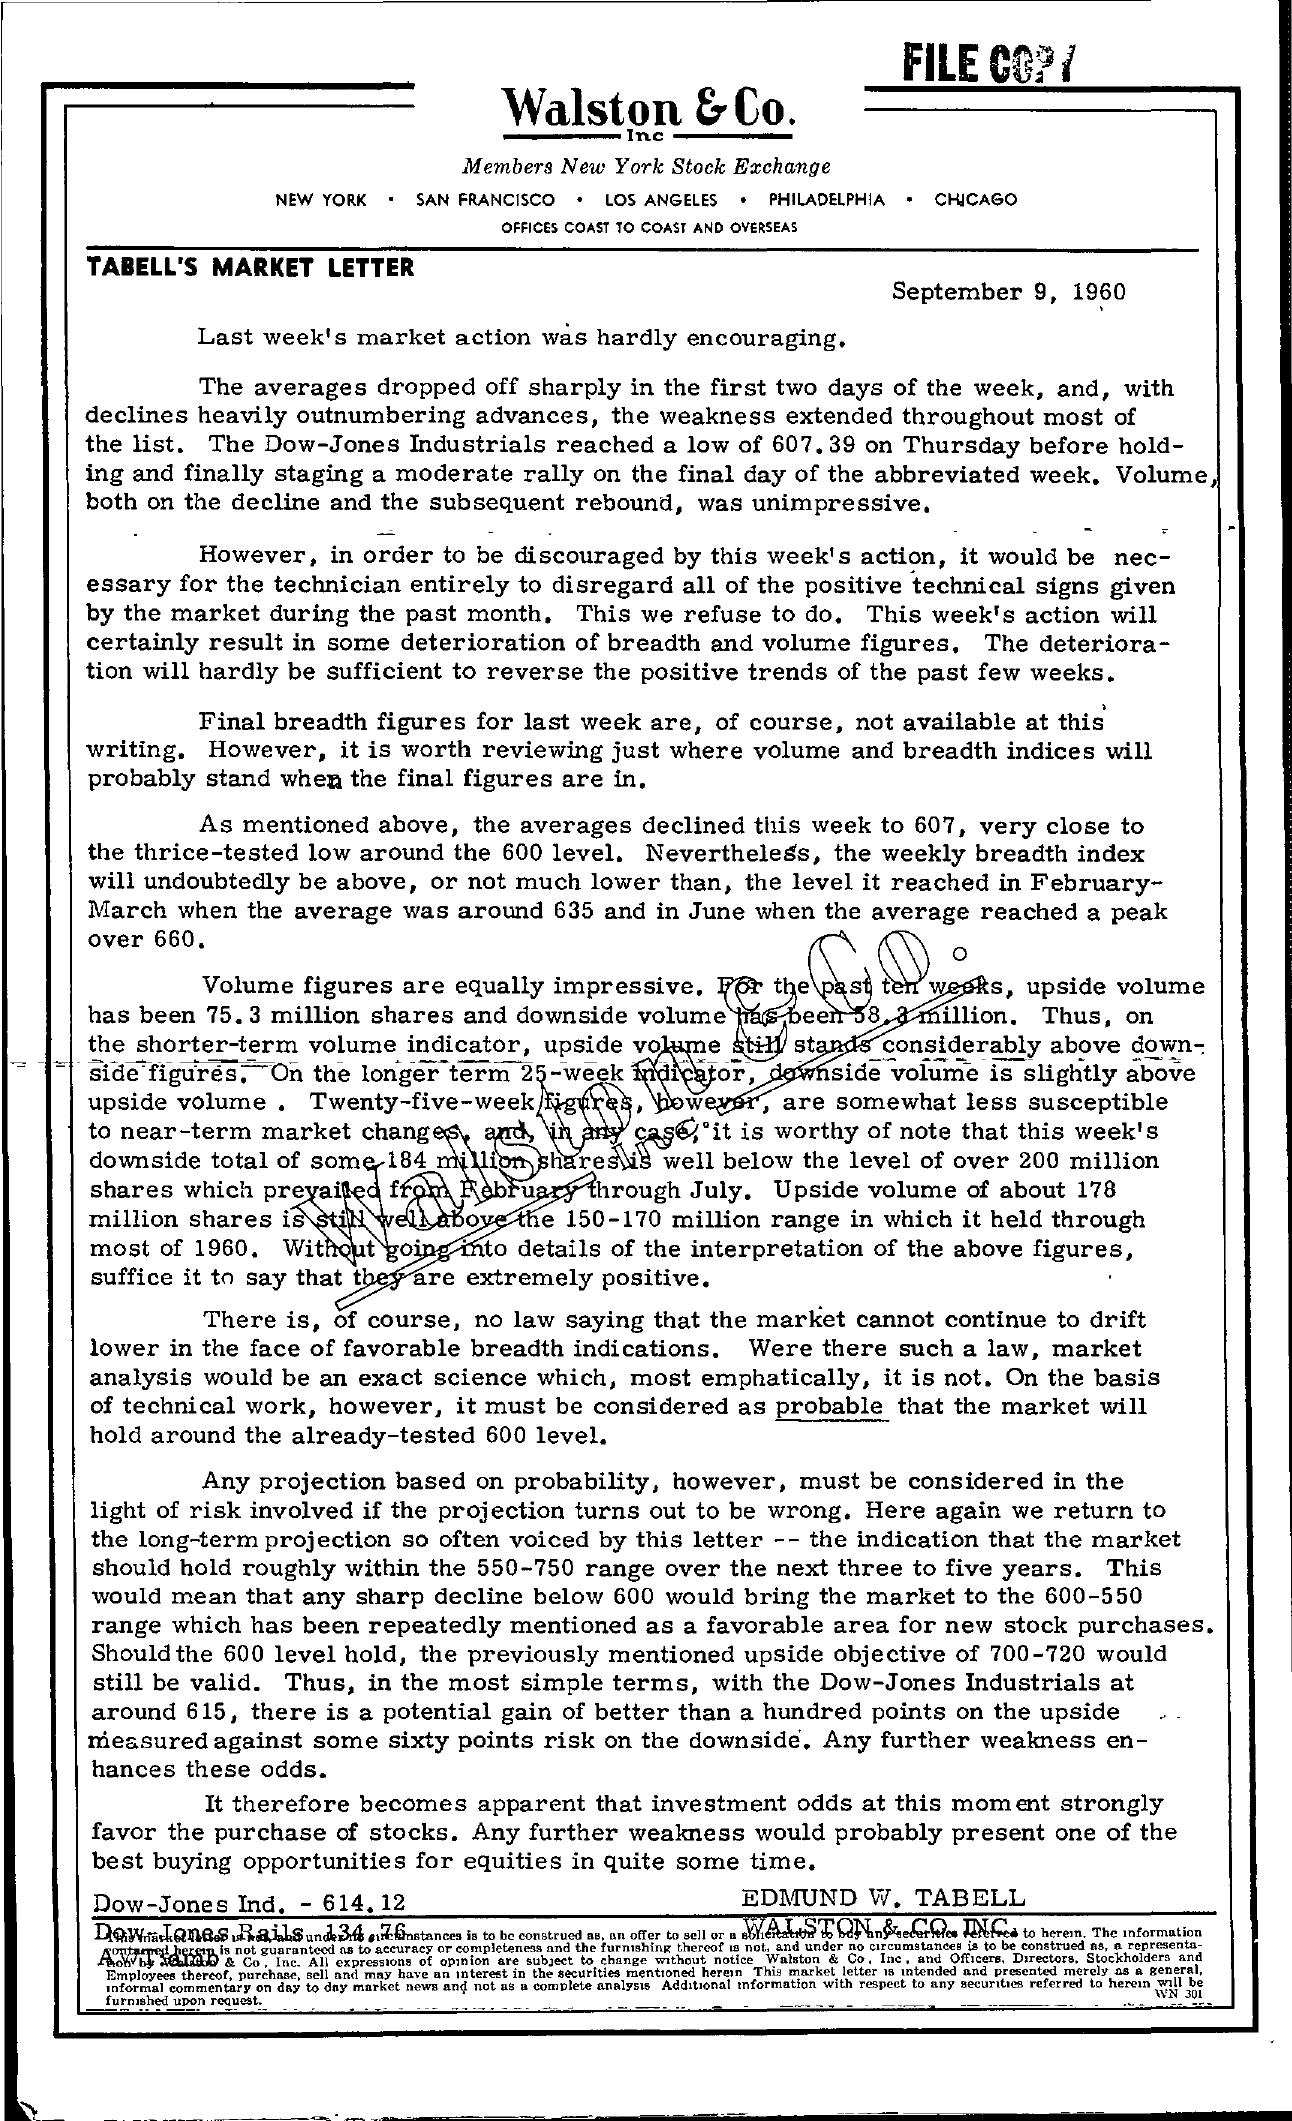 Tabell's Market Letter - September 09, 1960